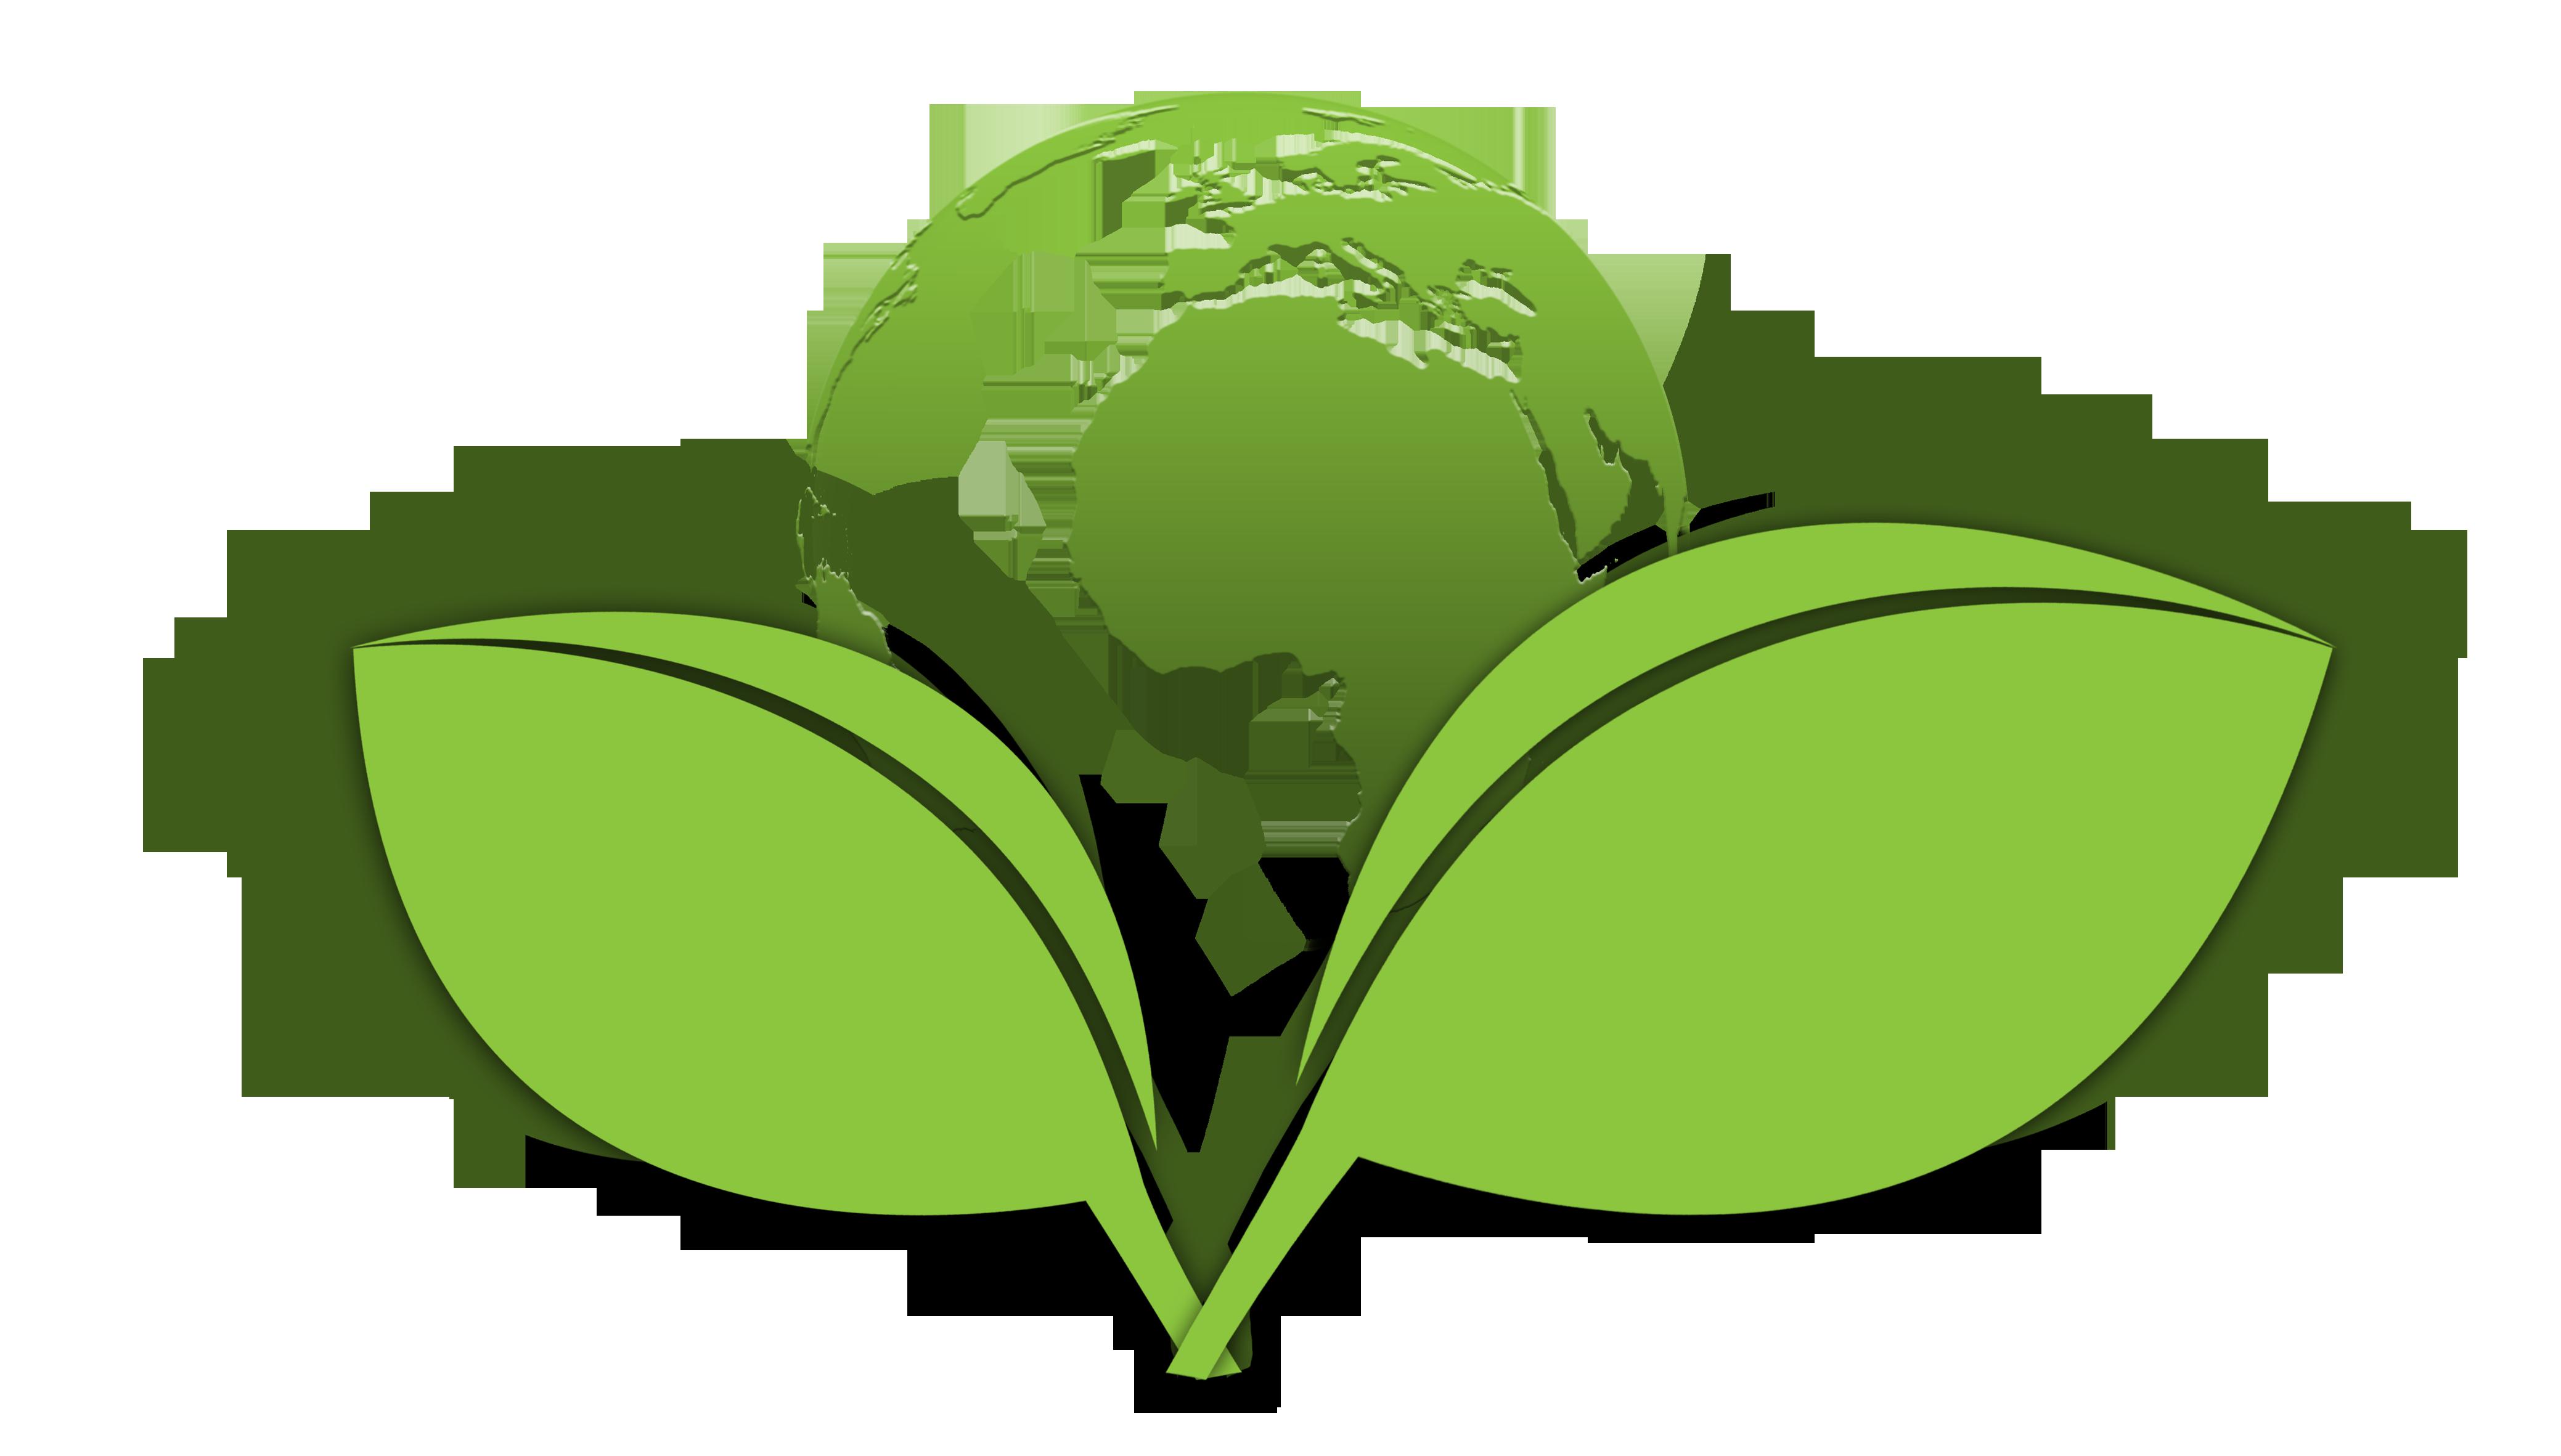 Environment clipart environmental safety. Karya siddhi health and